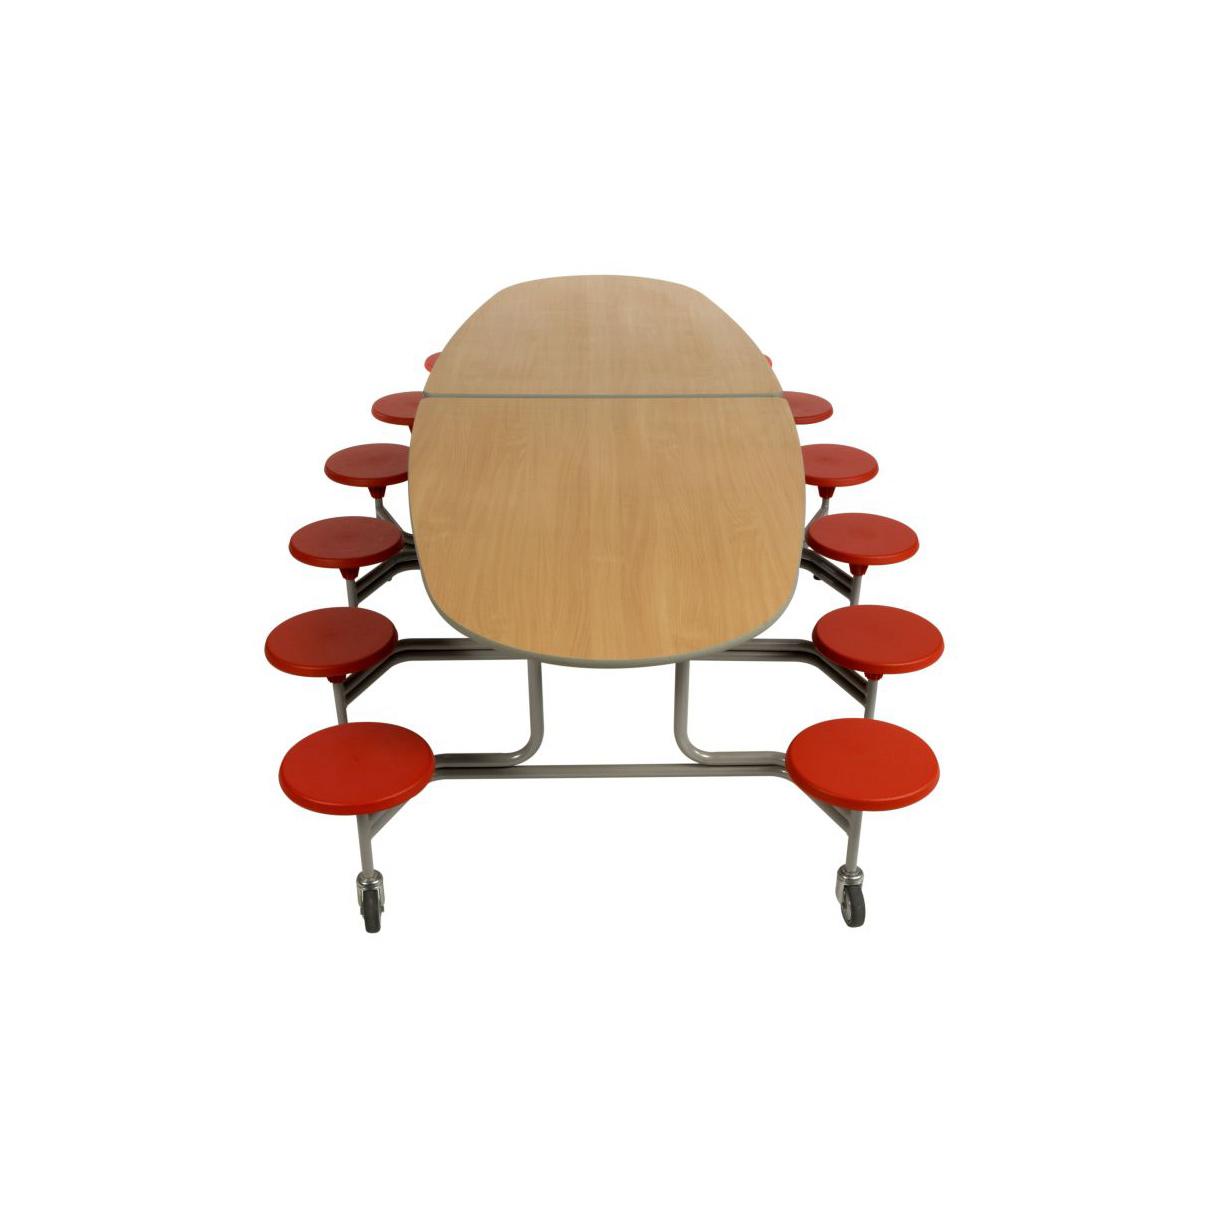 12er klapptisch mit st hlen 69 x 107 x 306 f r kinder von 7 11 jahren g nstig online kaufen. Black Bedroom Furniture Sets. Home Design Ideas